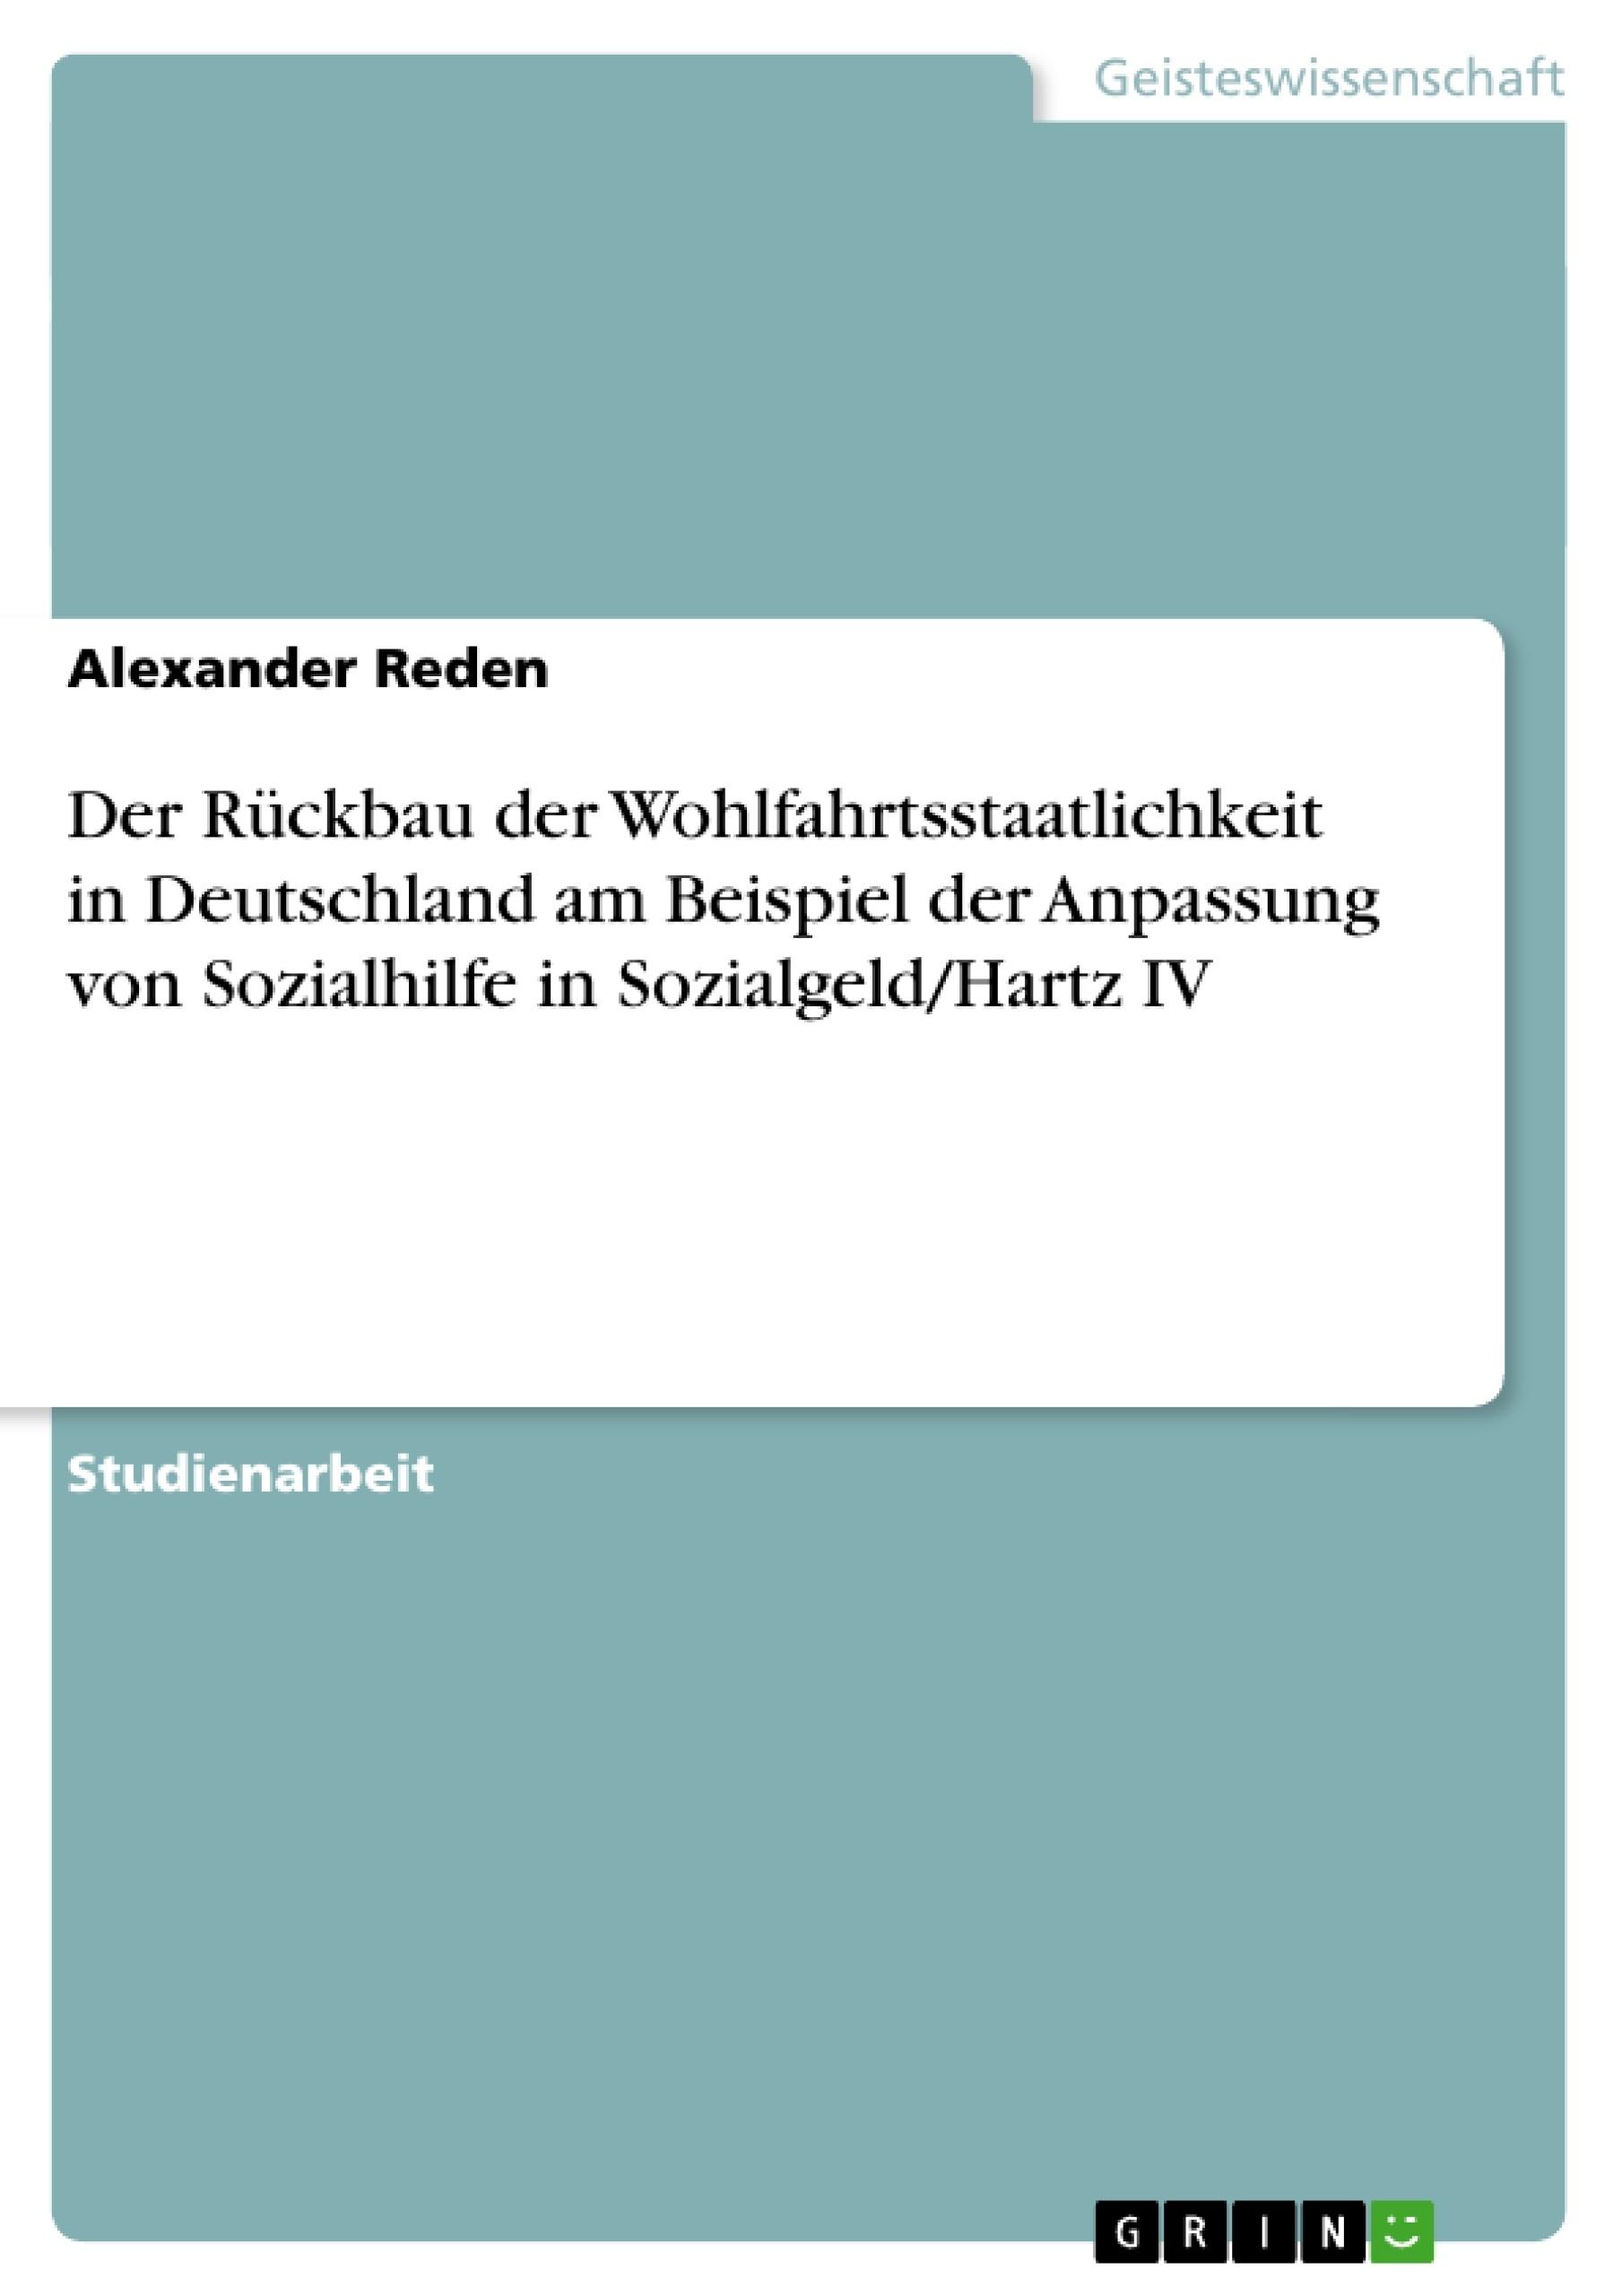 Titel: Der Rückbau der Wohlfahrtsstaatlichkeit in Deutschland am Beispiel der Anpassung von Sozialhilfe in Sozialgeld/Hartz IV